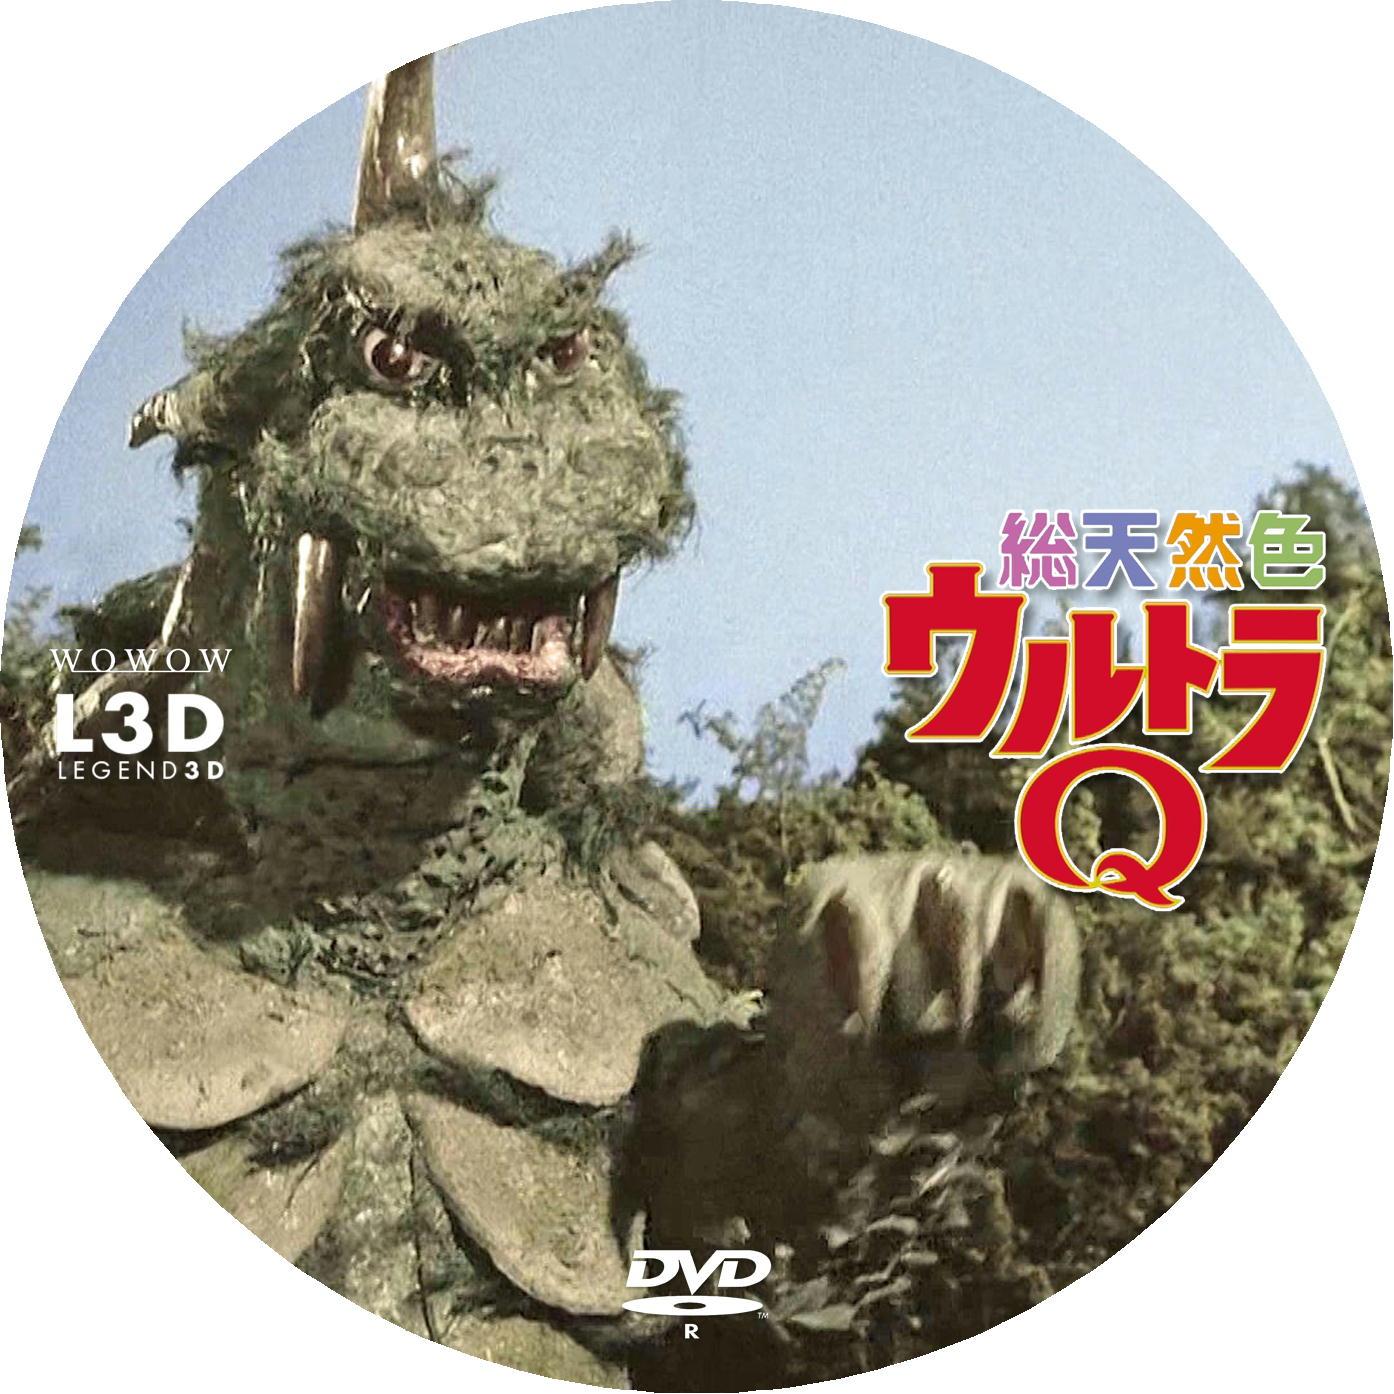 ゴメス DVDラベル